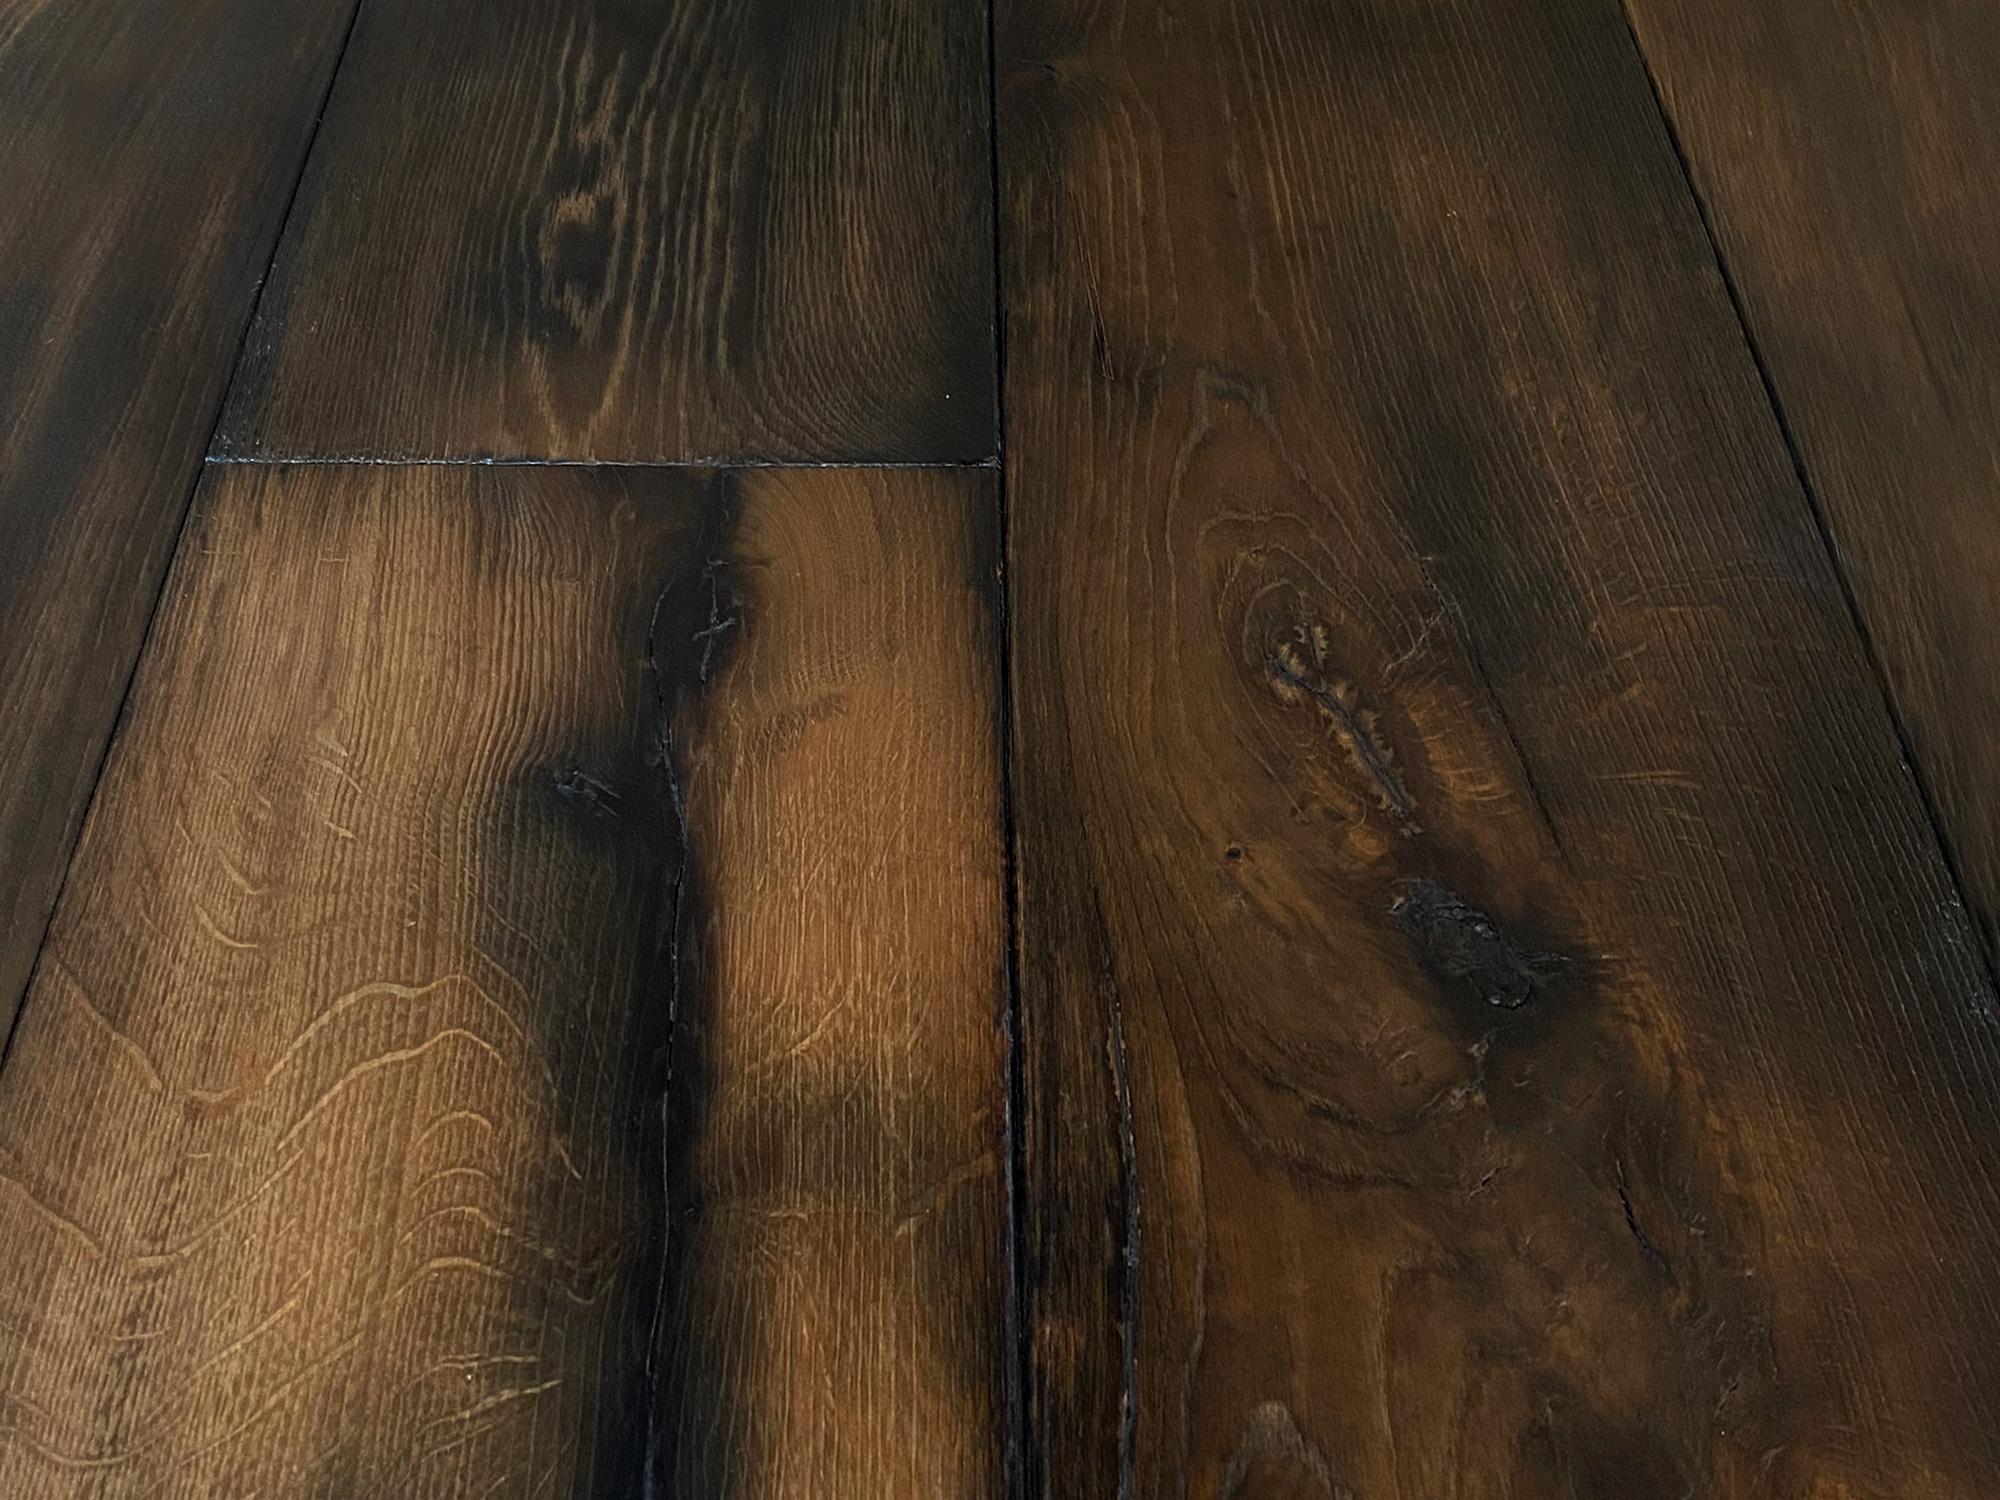 Rich dark oak floor boards